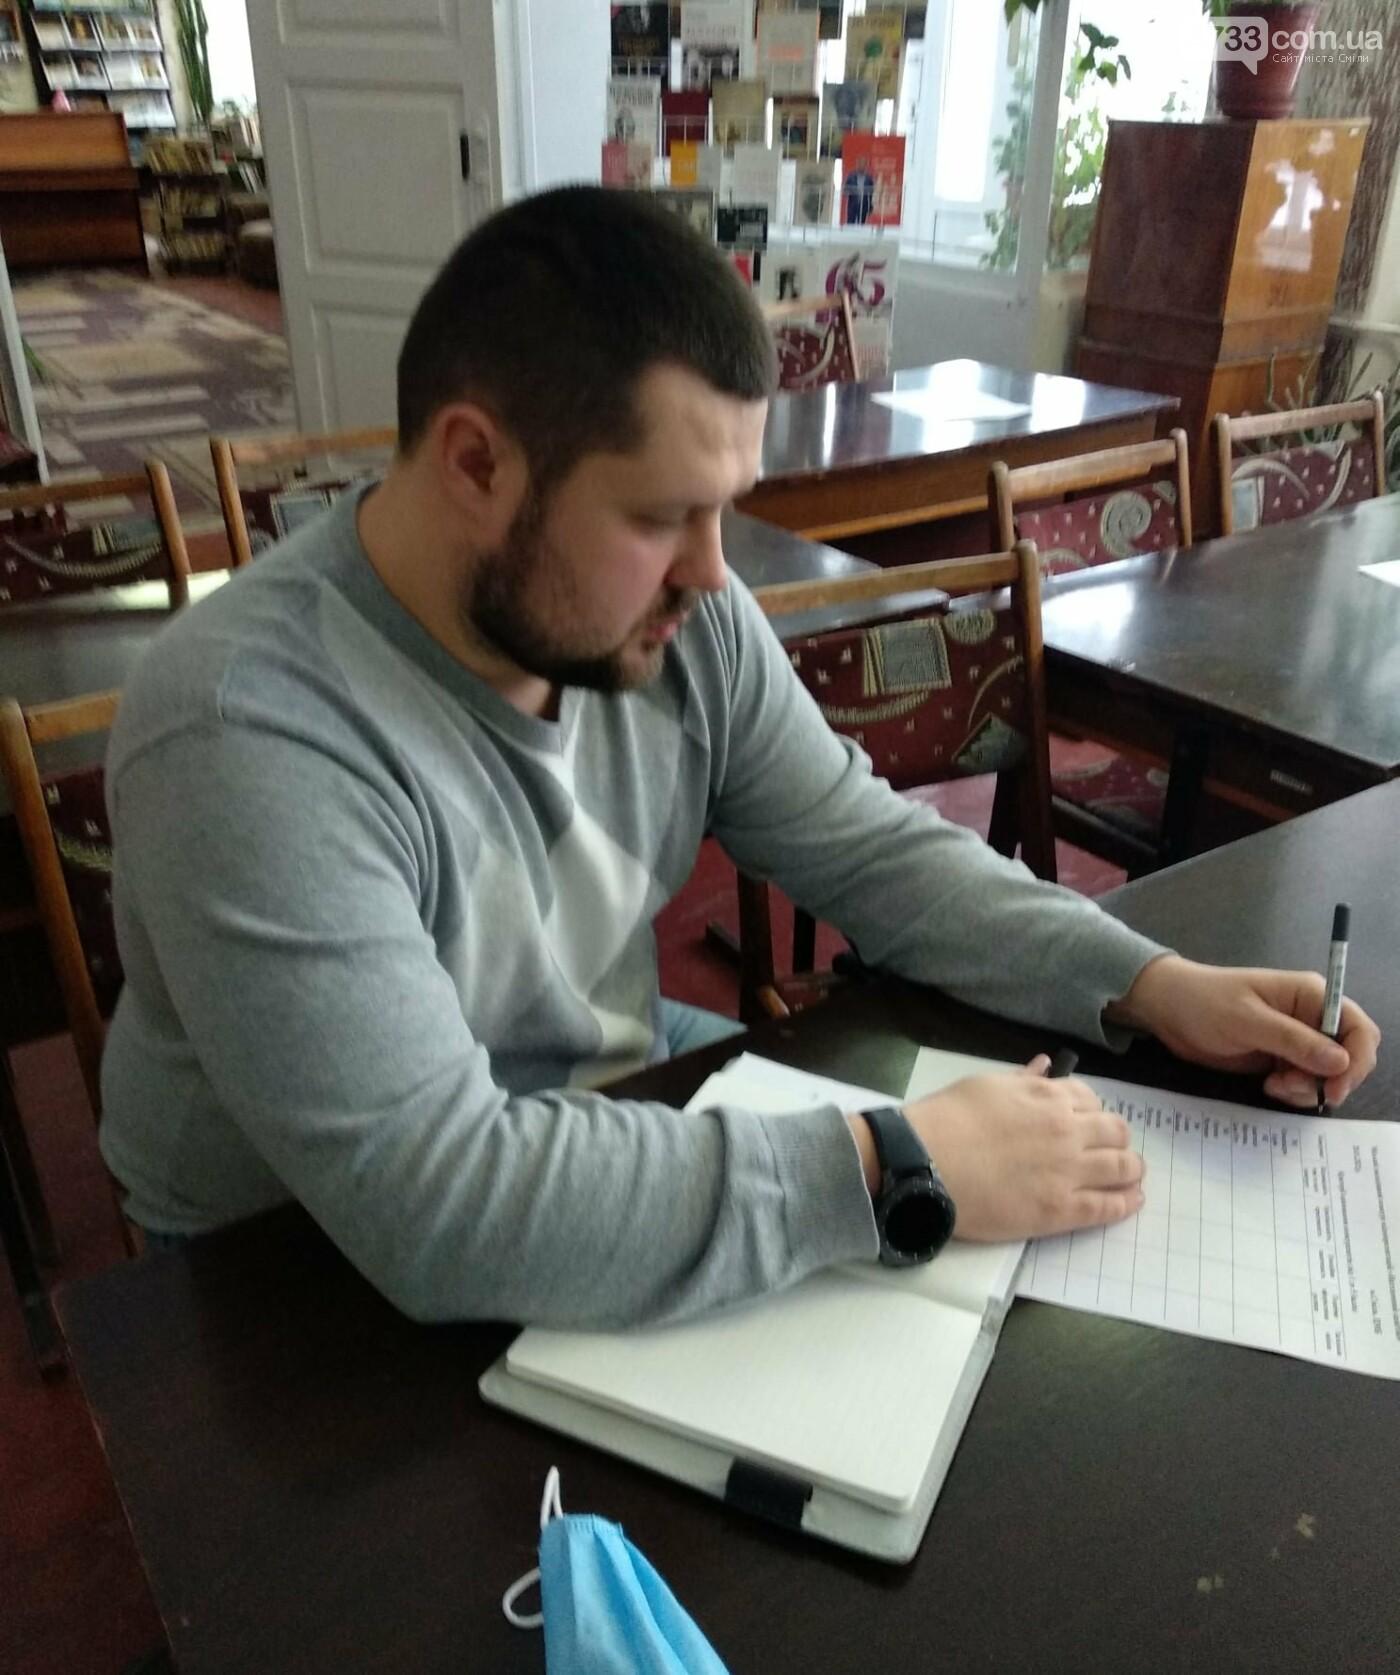 У Смілянській бібліотеці визначили переможців у конкурсі «Натхненний книгою», фото-4, Центральна бібліотека